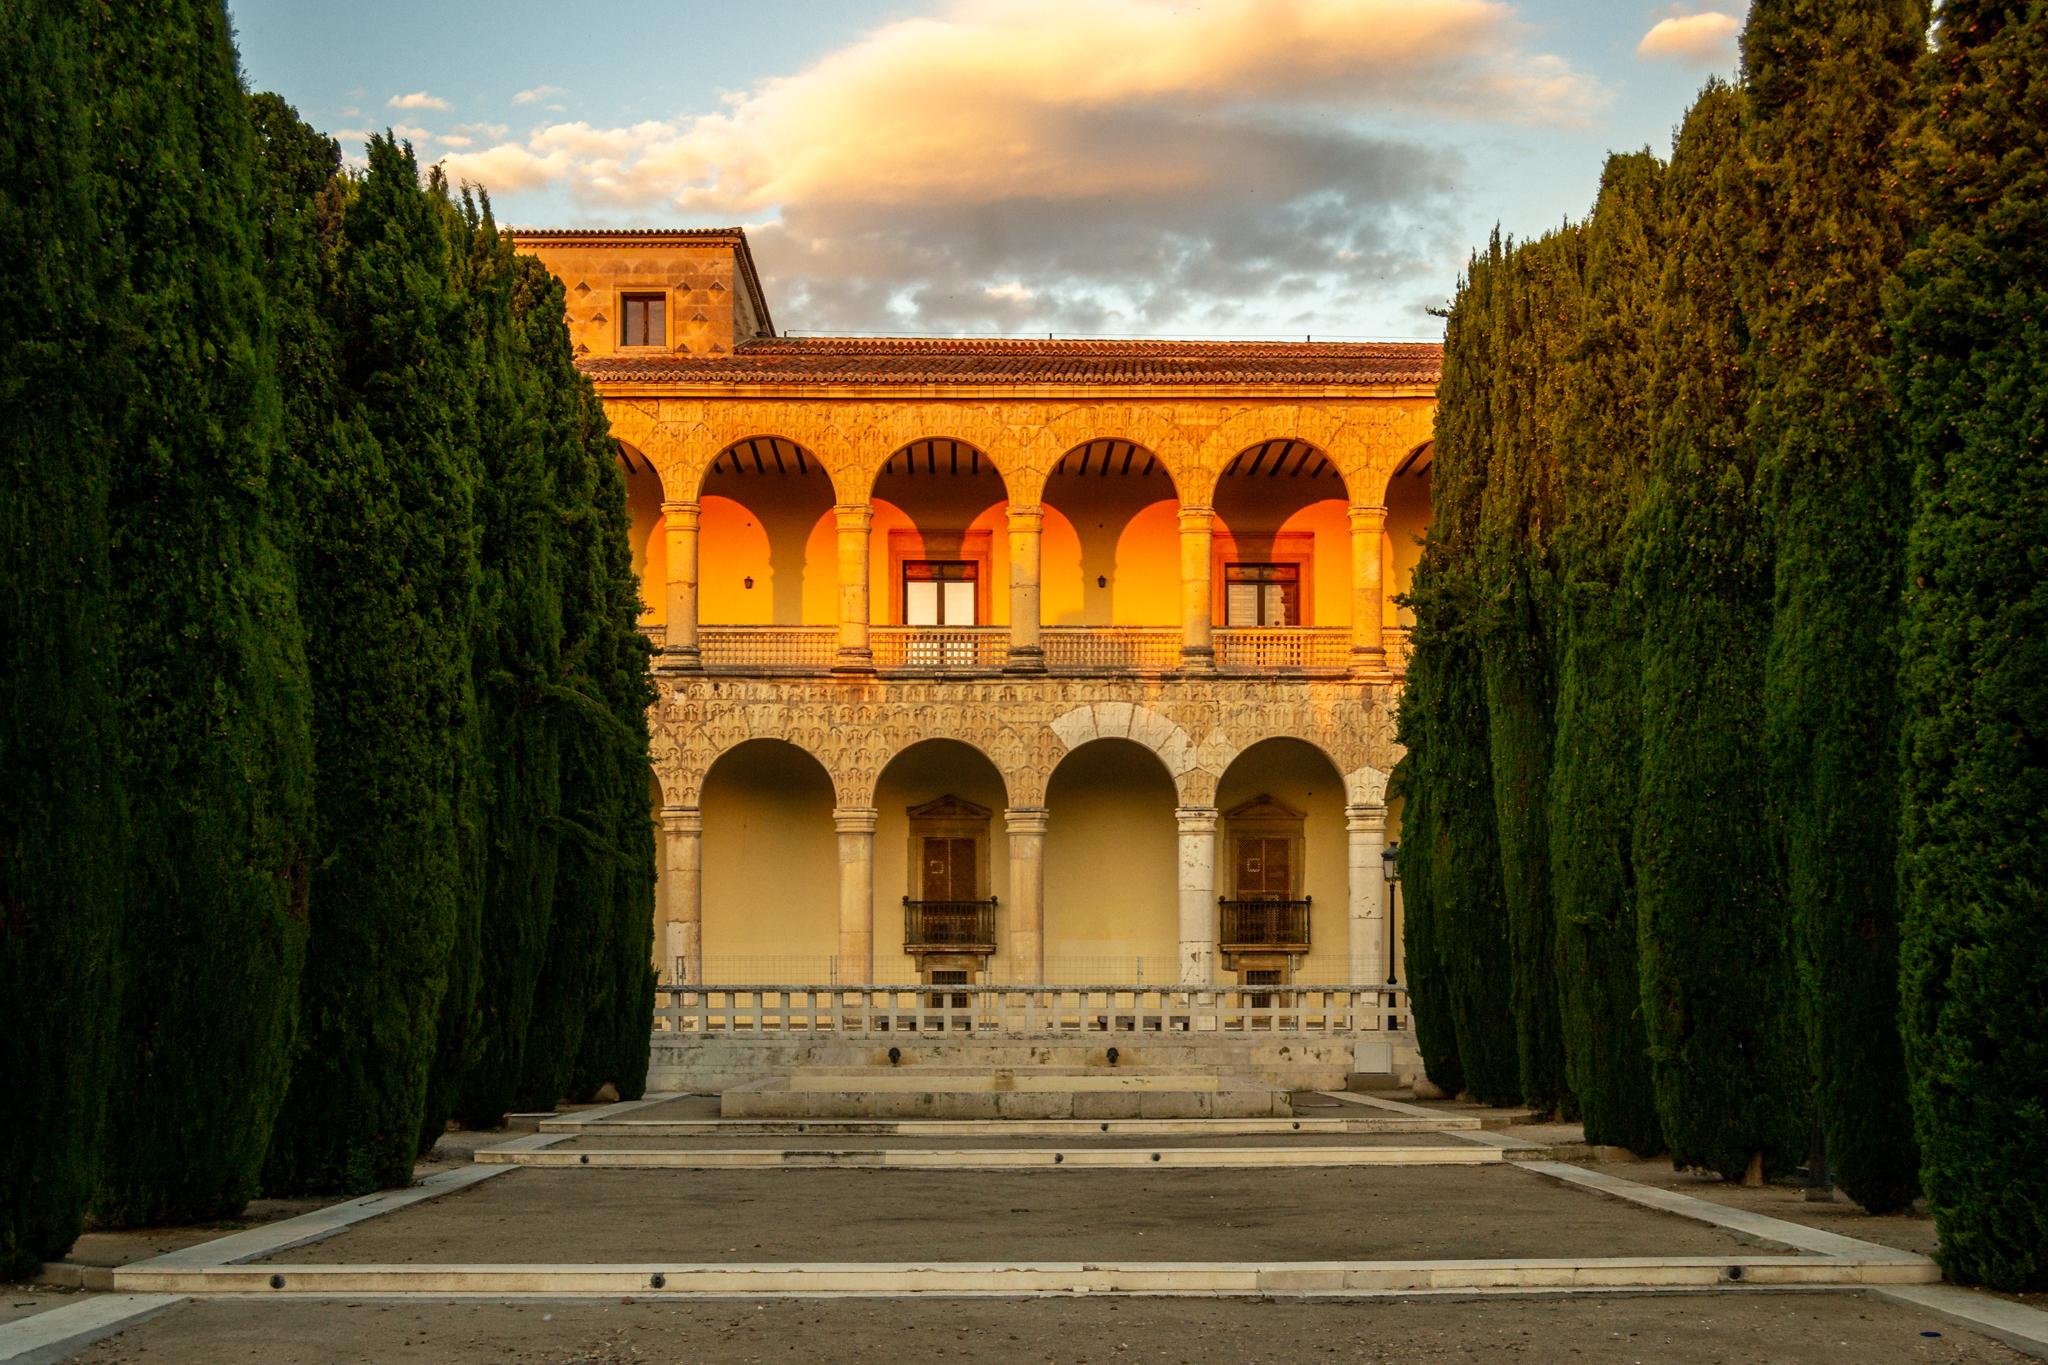 Palacio del Infantado Gardens, Spain